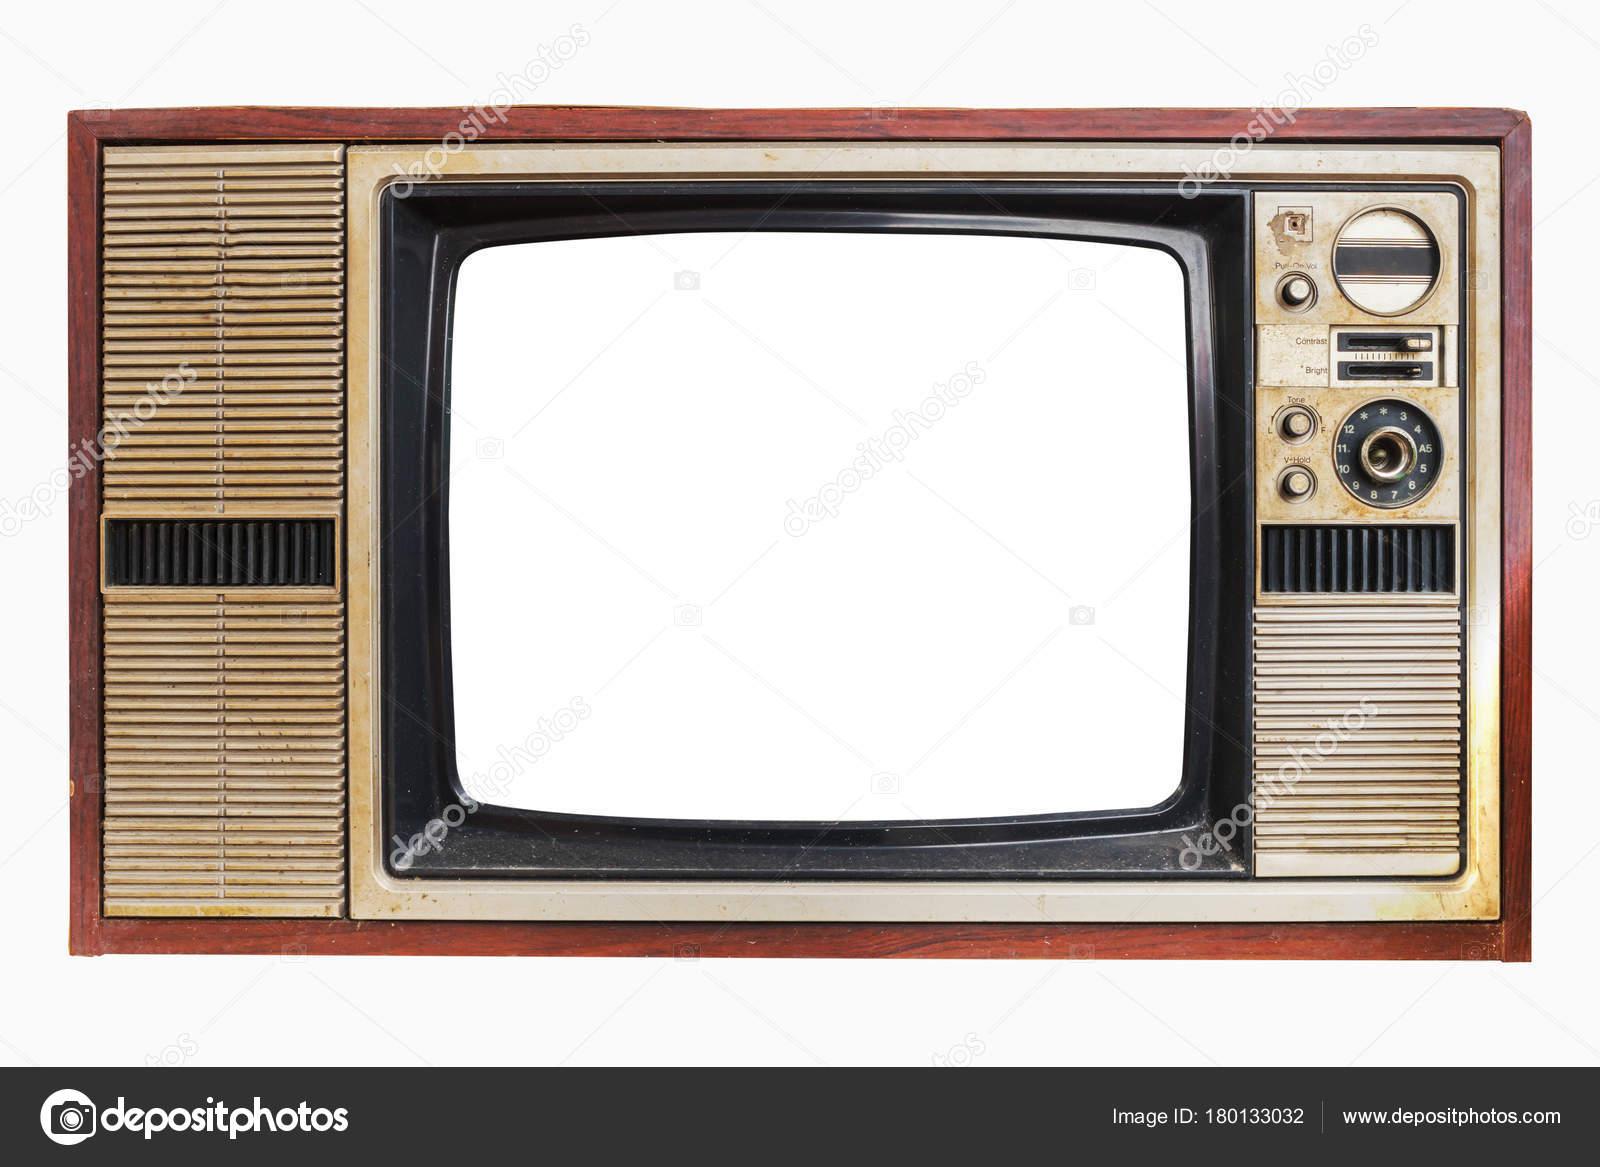 Televisión Vintage Viejos Con Pantalla Marco Aislar Blanco Con ...